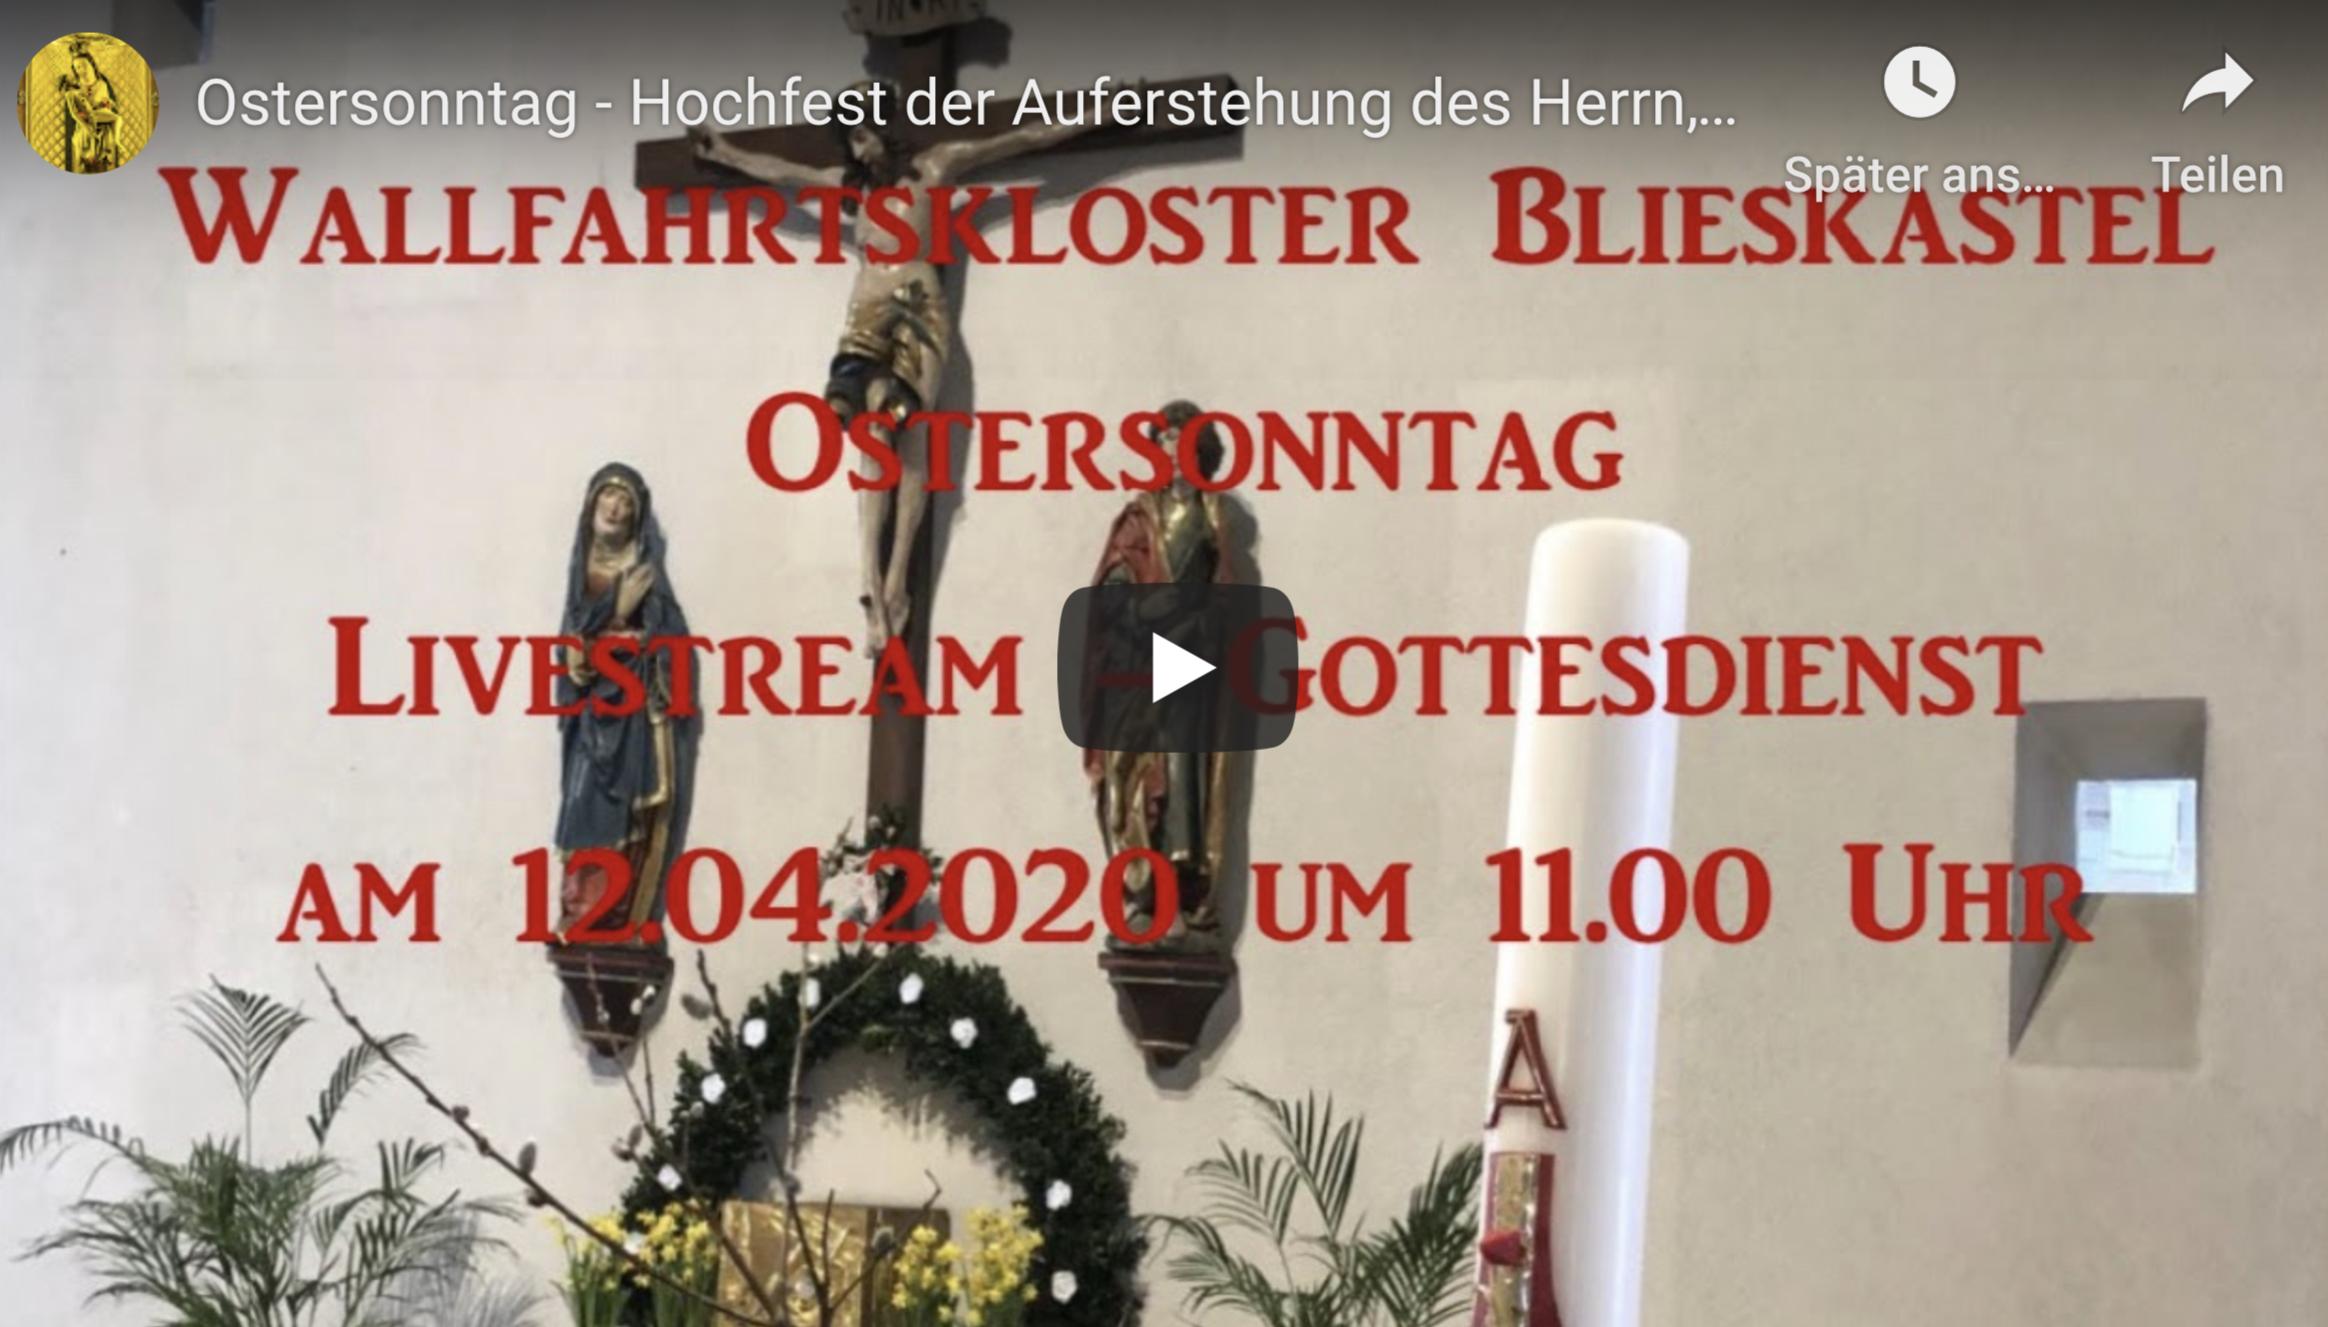 Ostergottesdienst Wallfahrtskloster Blieskastel